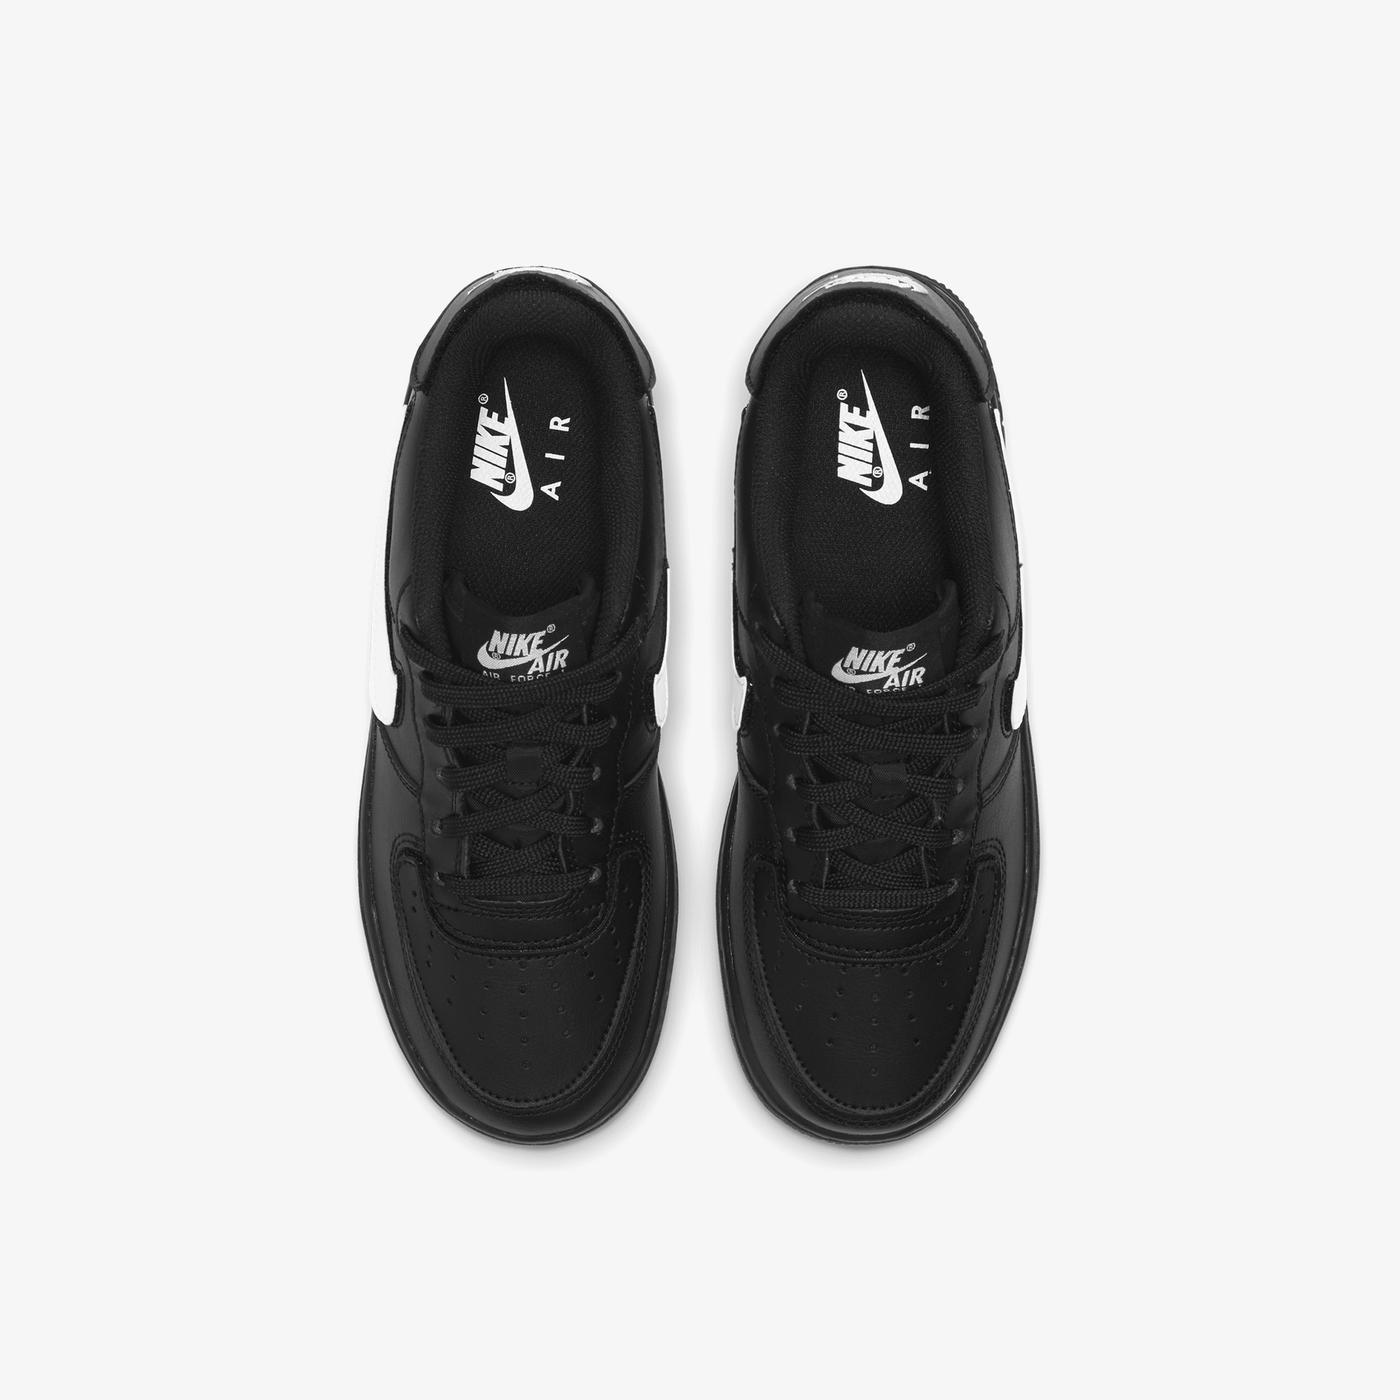 Nike Air Force 1/1 Kadın Siyah Spor Ayakkabı